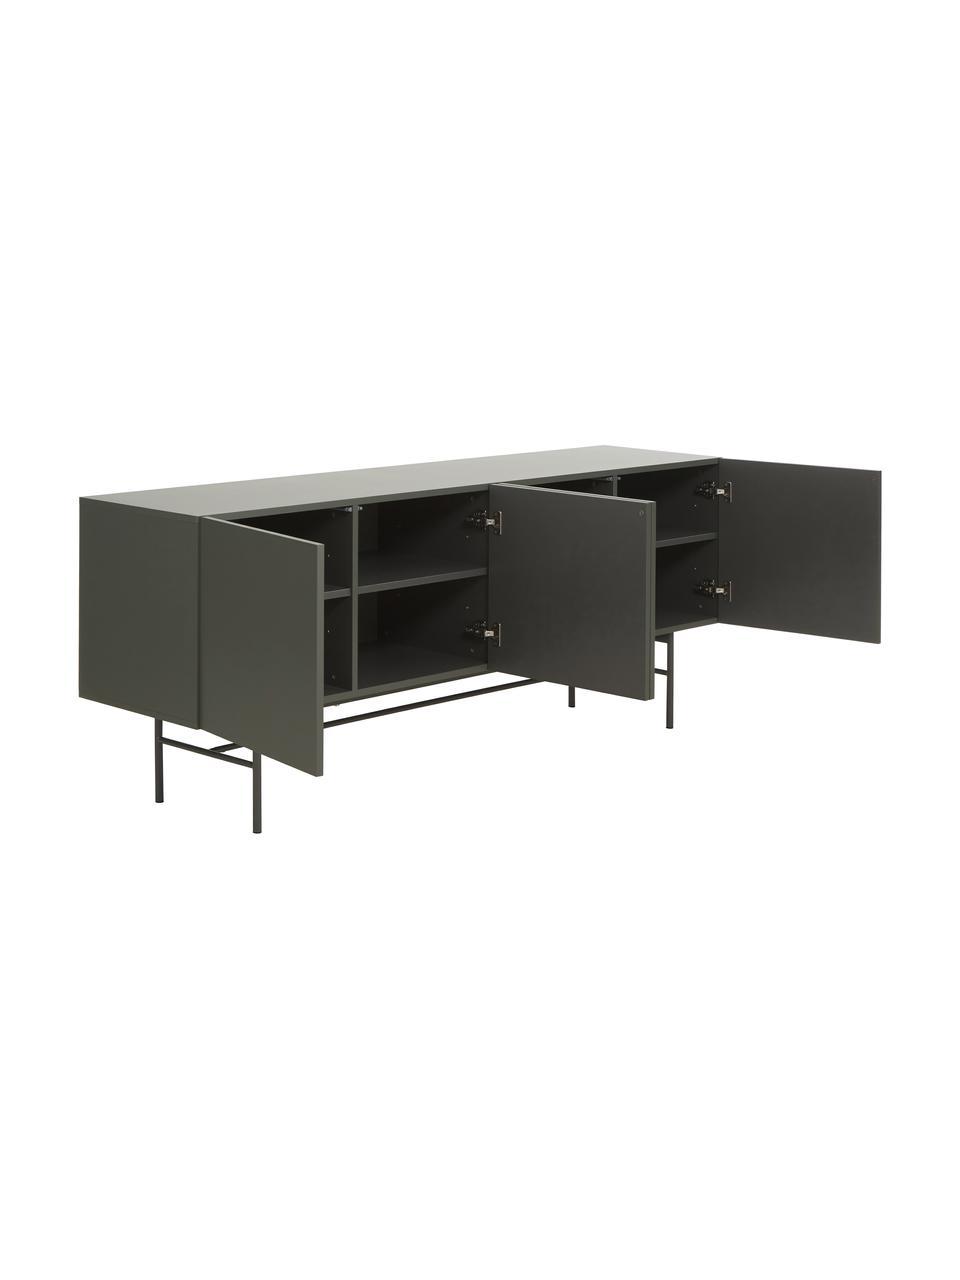 Modernes Sideboard Anders mit Türen in Grau, Korpus: Mitteldichte Holzfaserpla, Füße: Metall, pulverbeschichtet, Grau, 200 x 79 cm